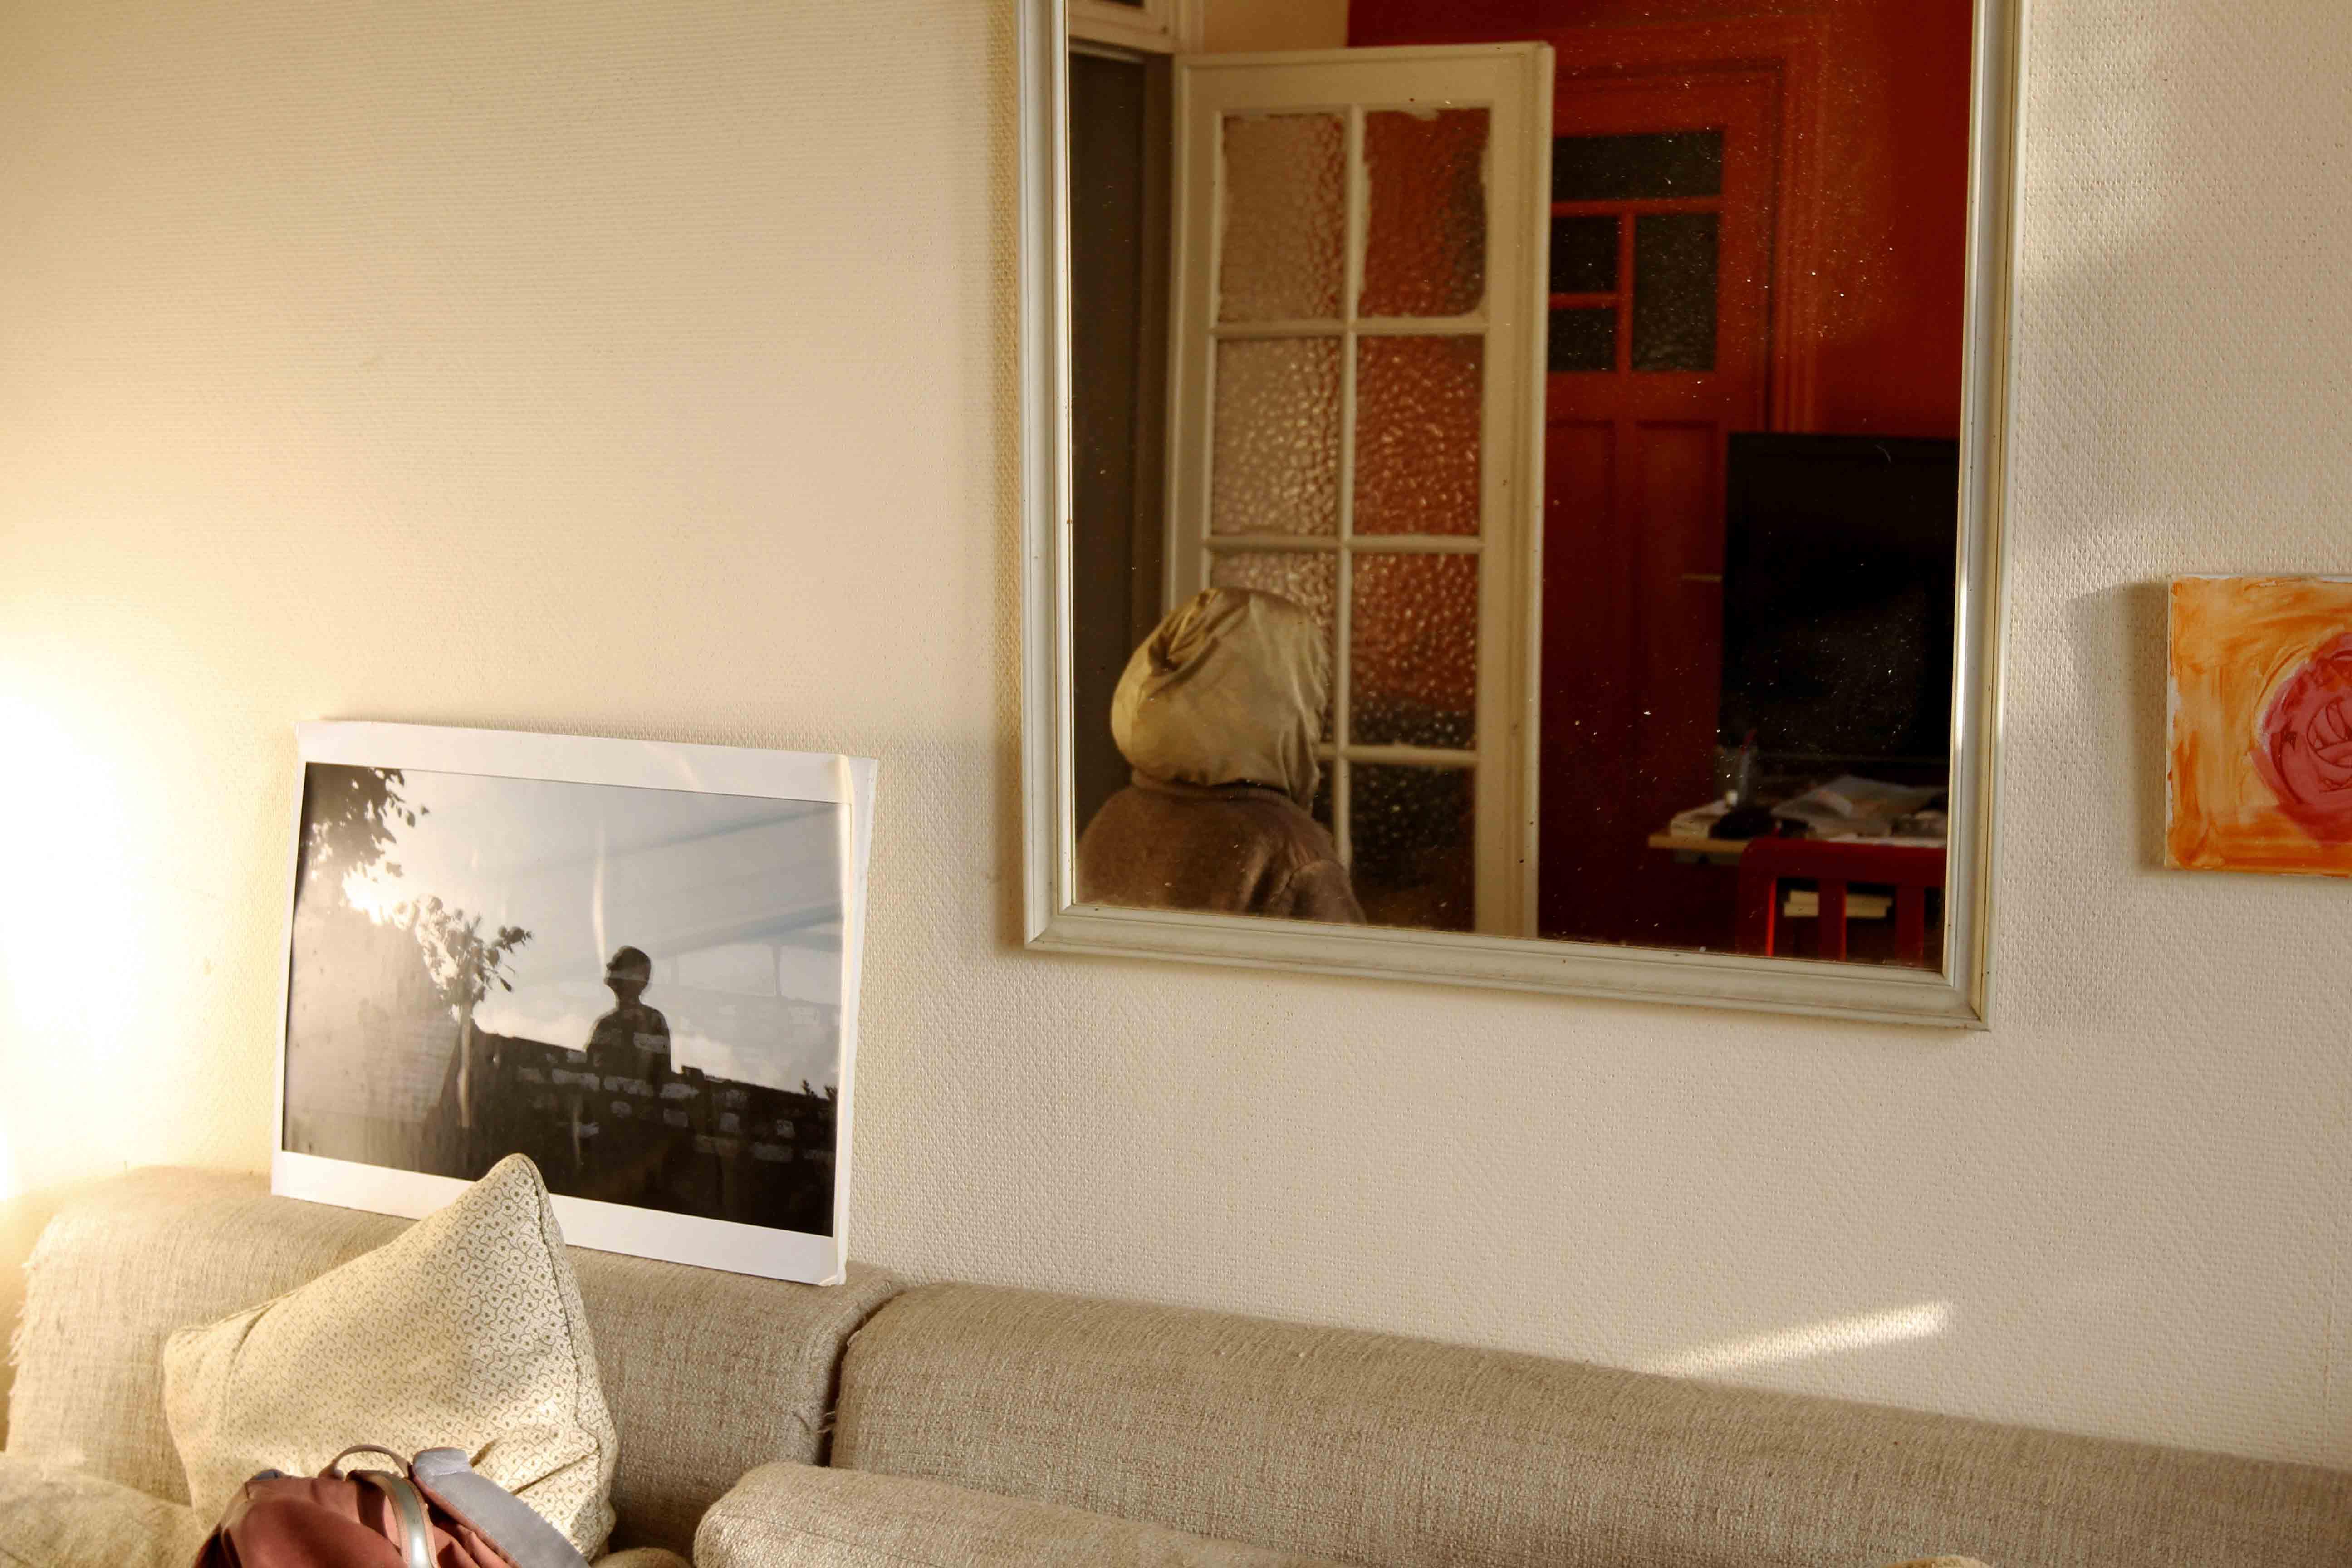 Salon et un miroir dans lequel on aperçoit Kristien, de dos.